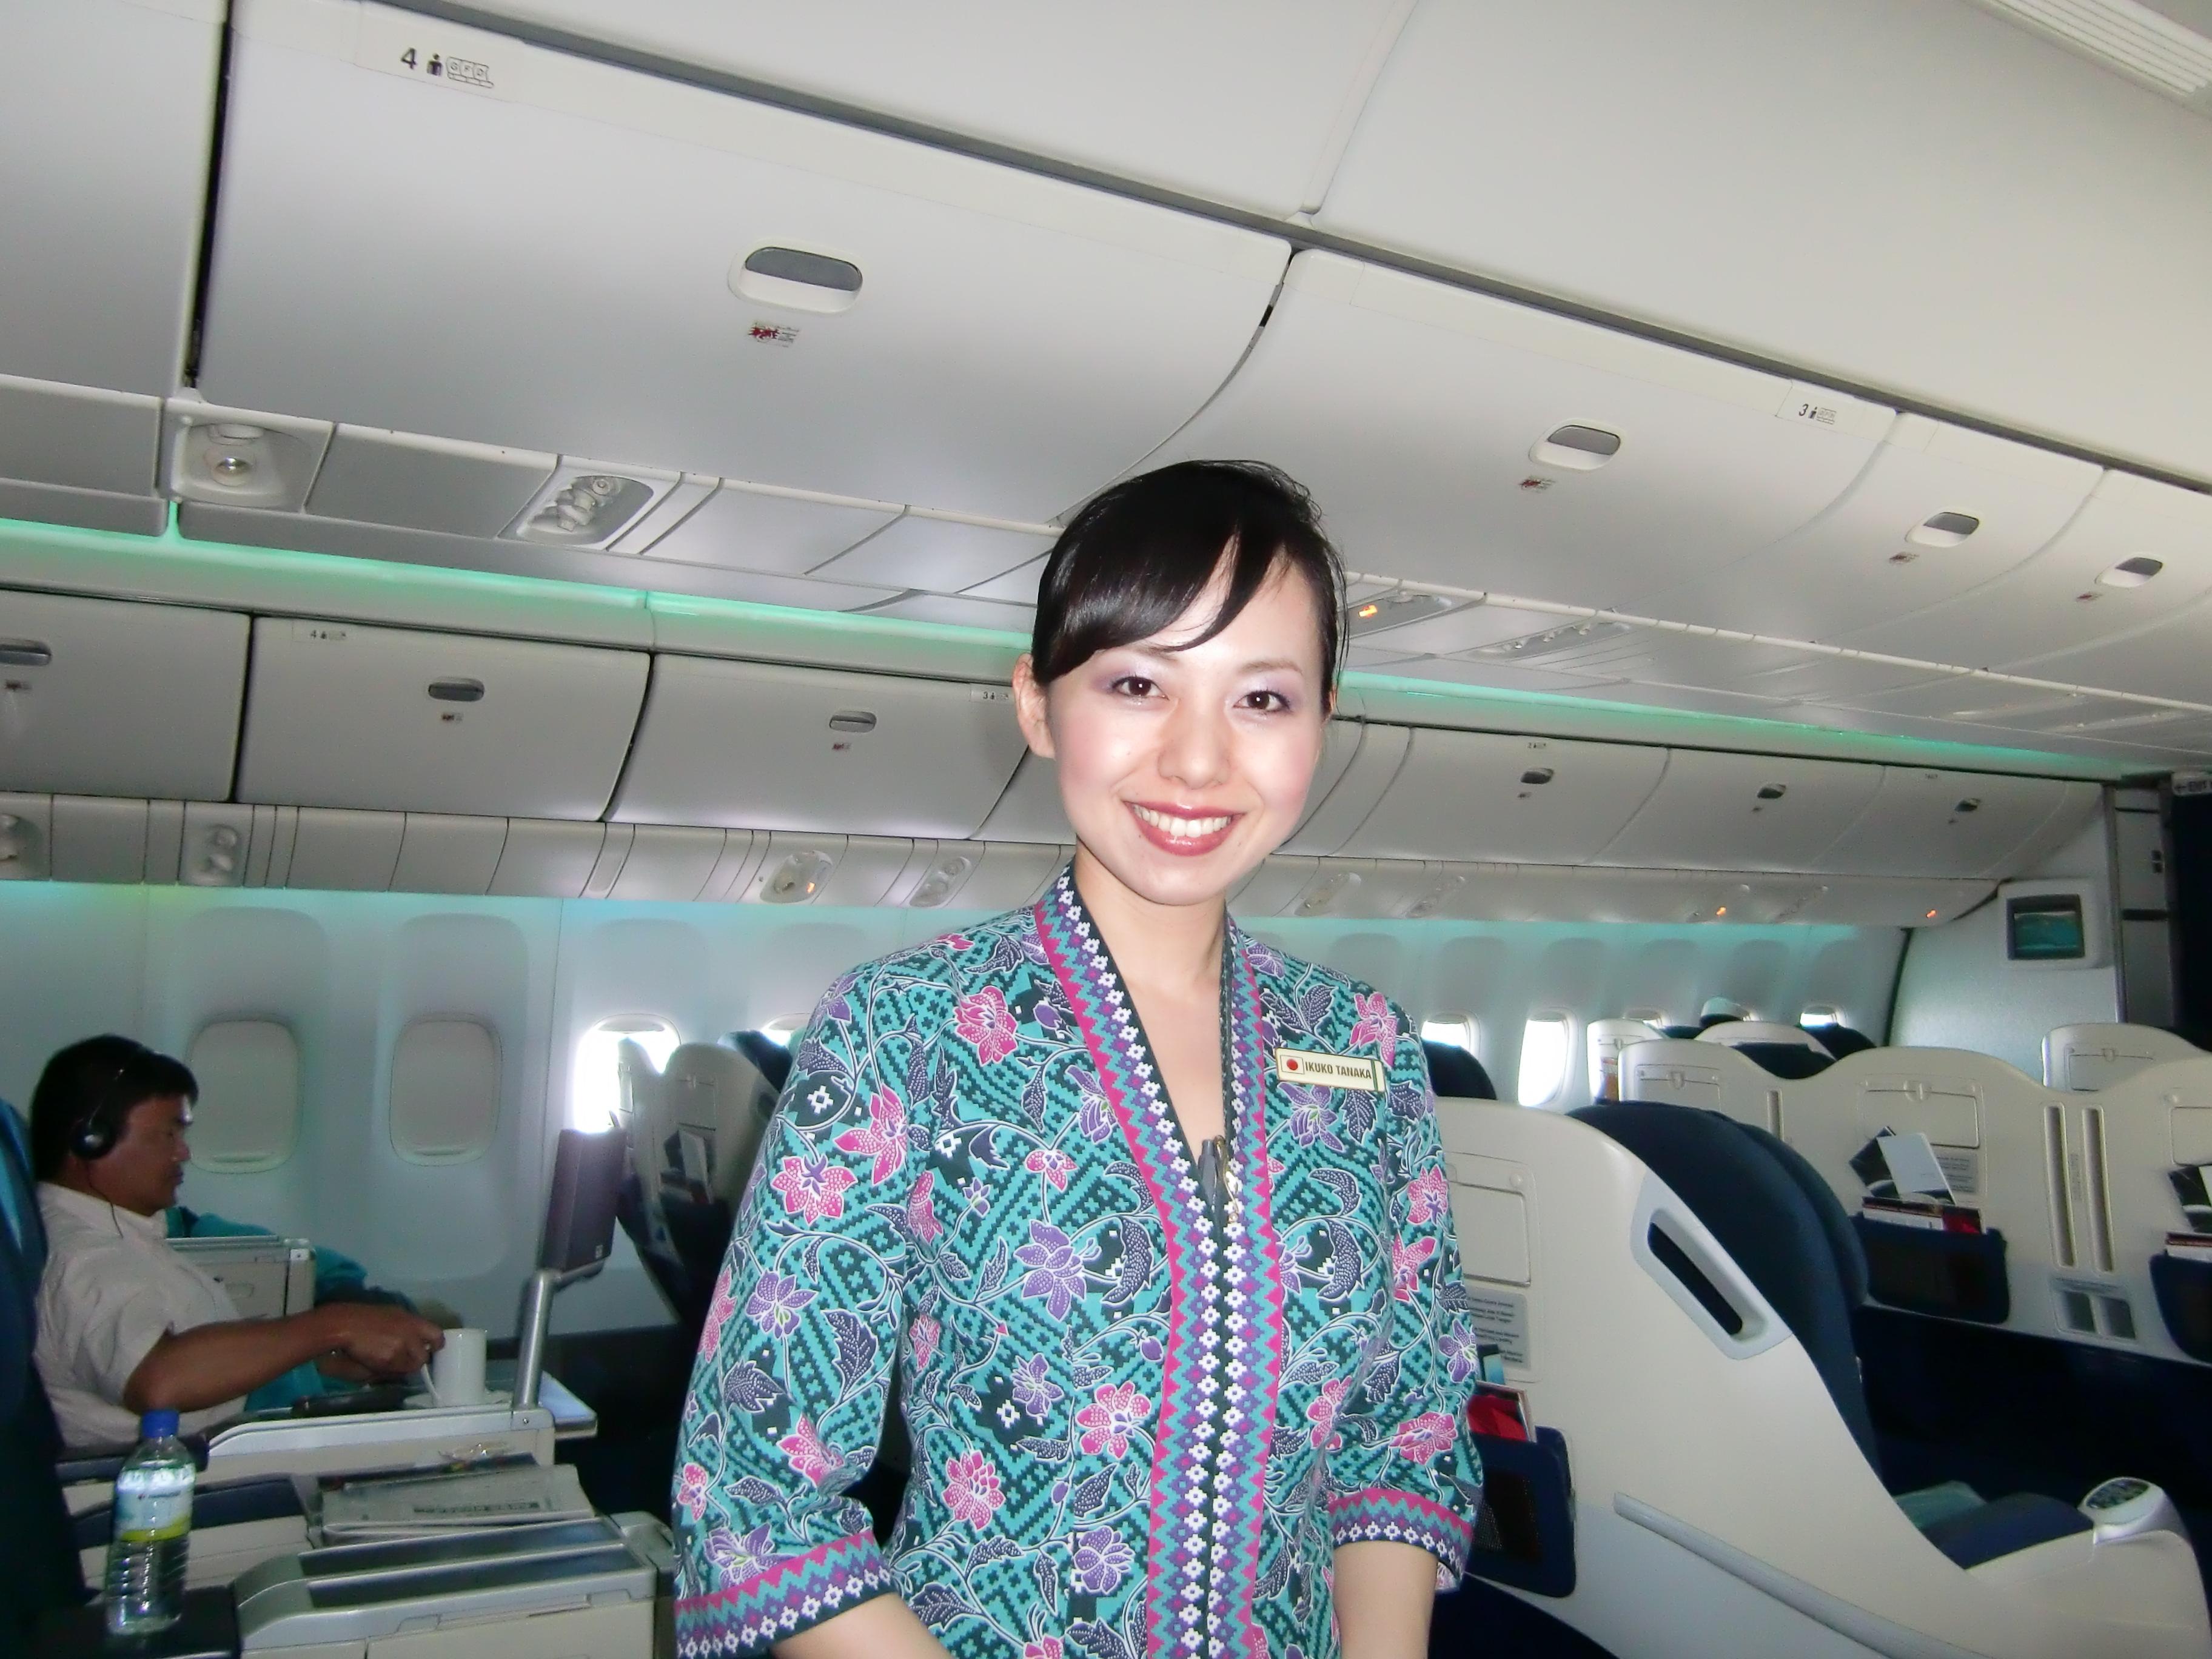 NAVER まとめマレーシア航空・美人CAの画像とマレーシア機消息不明ニュースリンク集